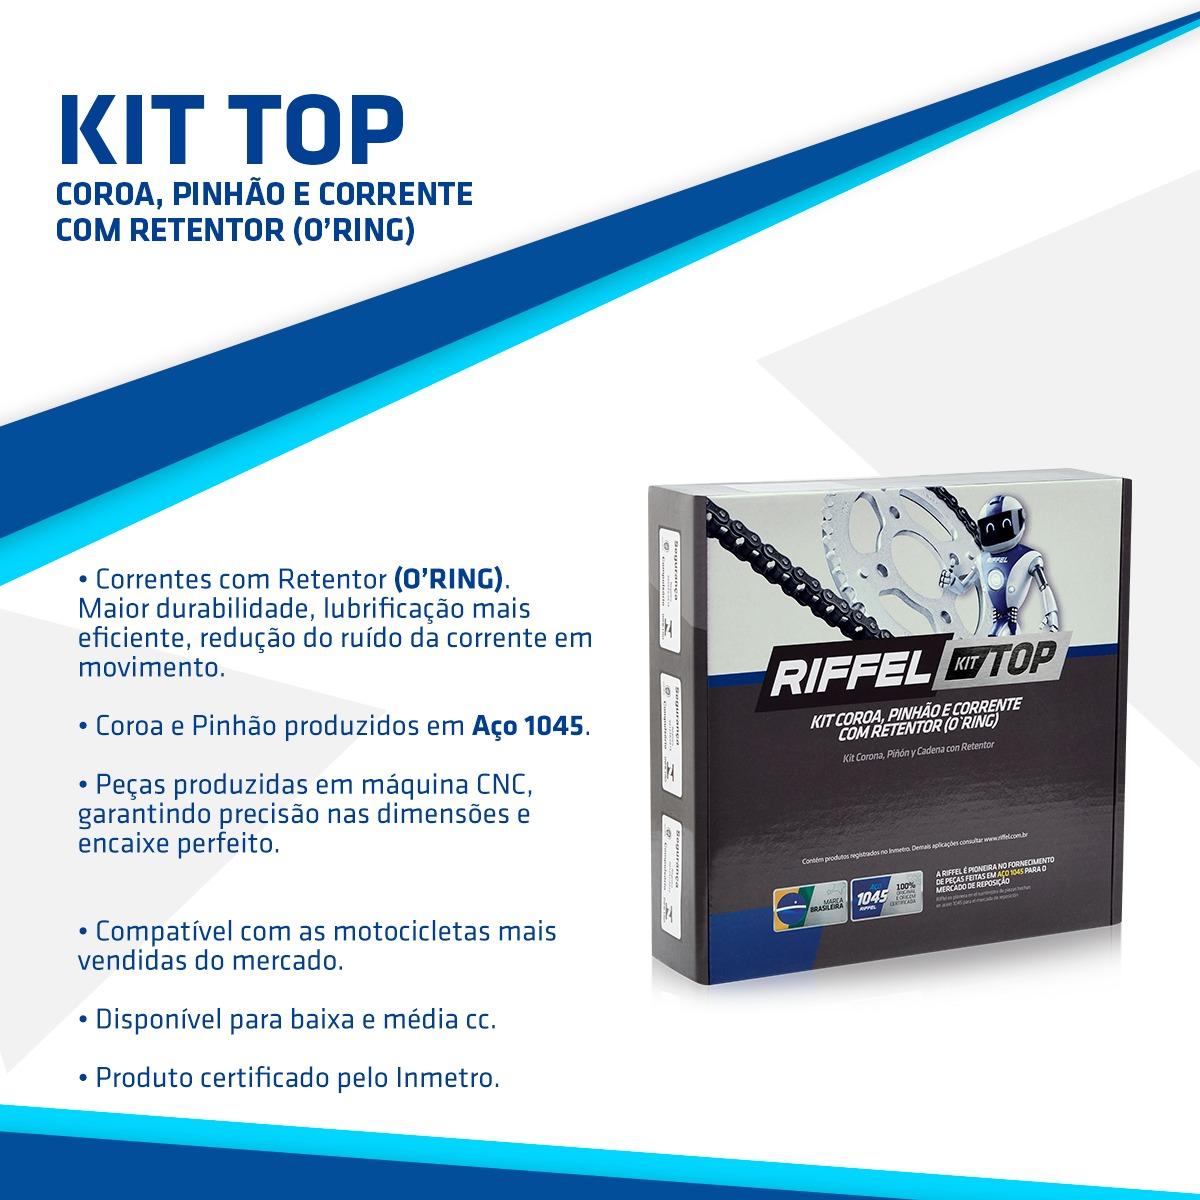 KIT Relação Transmissão XR 250 TORNADO (01-08) 38Z X 13Z C/ CORRENTE 520HO X 104L - TOP (1045)